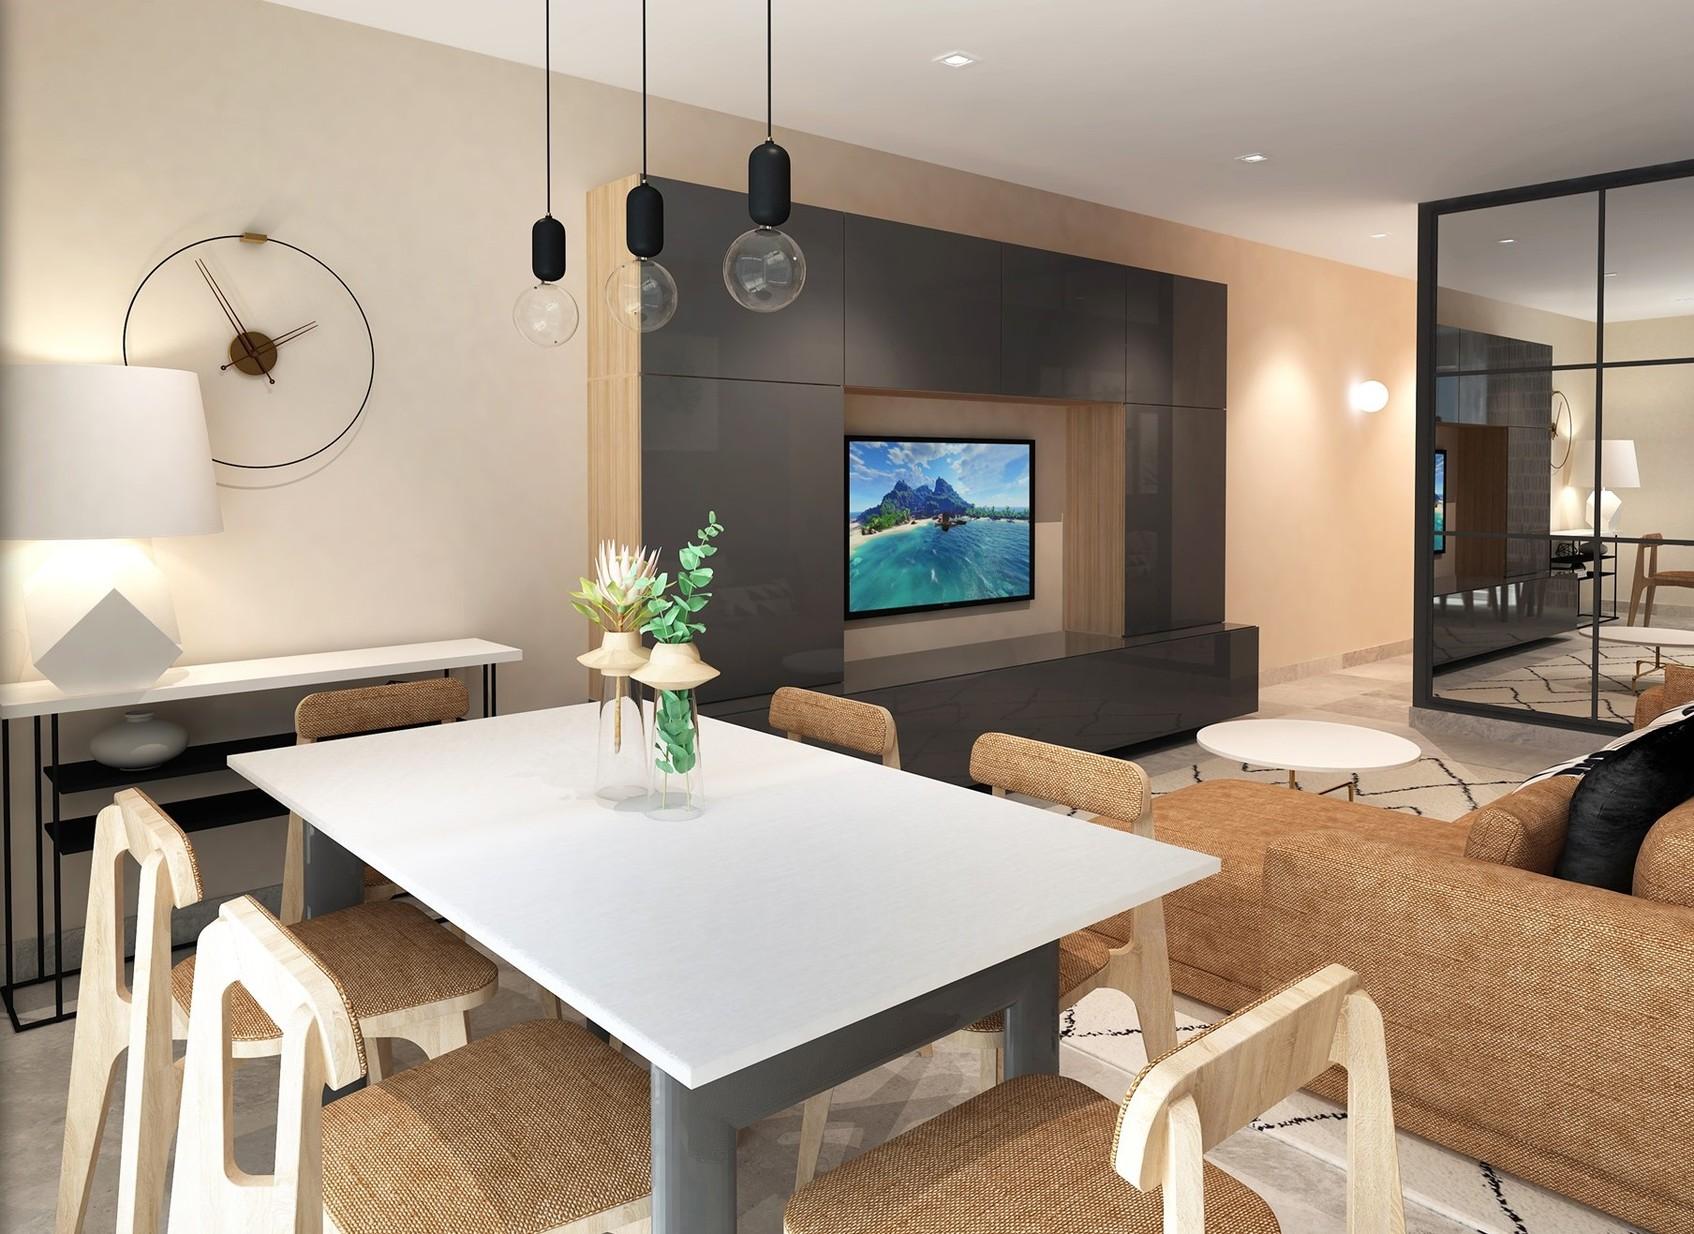 3 bed Apartment For Sale in Gzira, Gzira - thumb 2